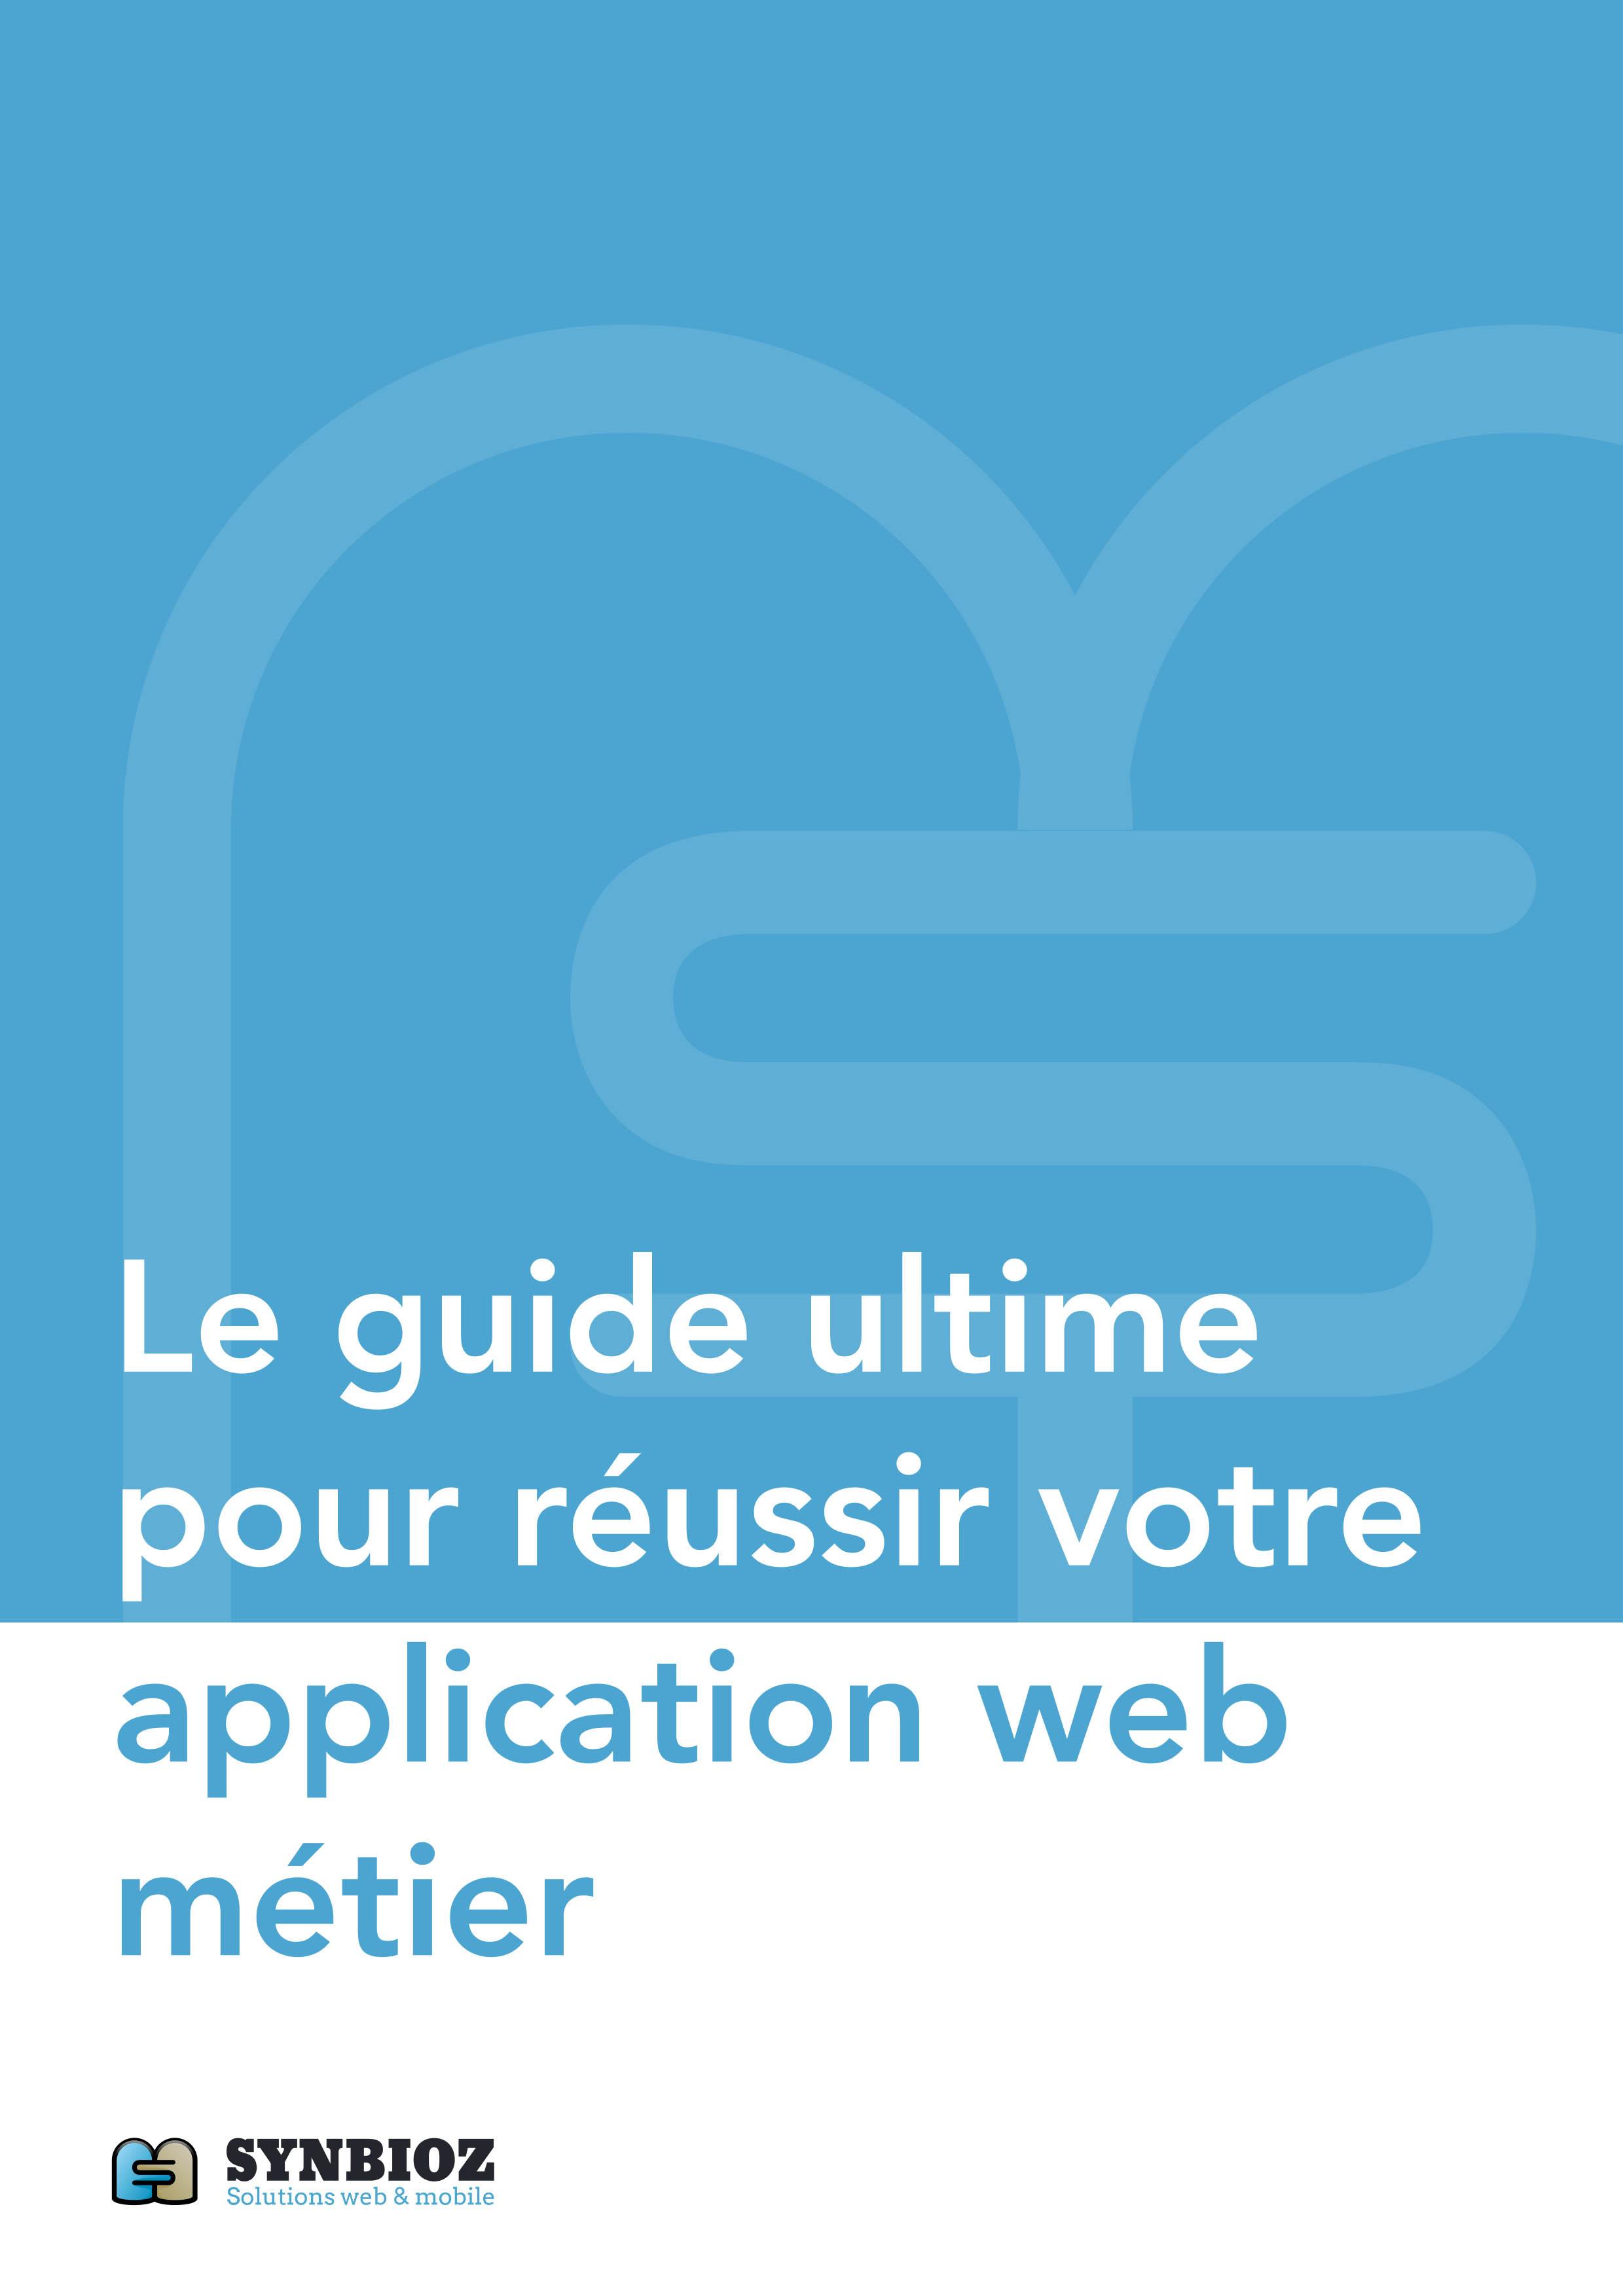 Le guide ultime pour réussir son application web métier